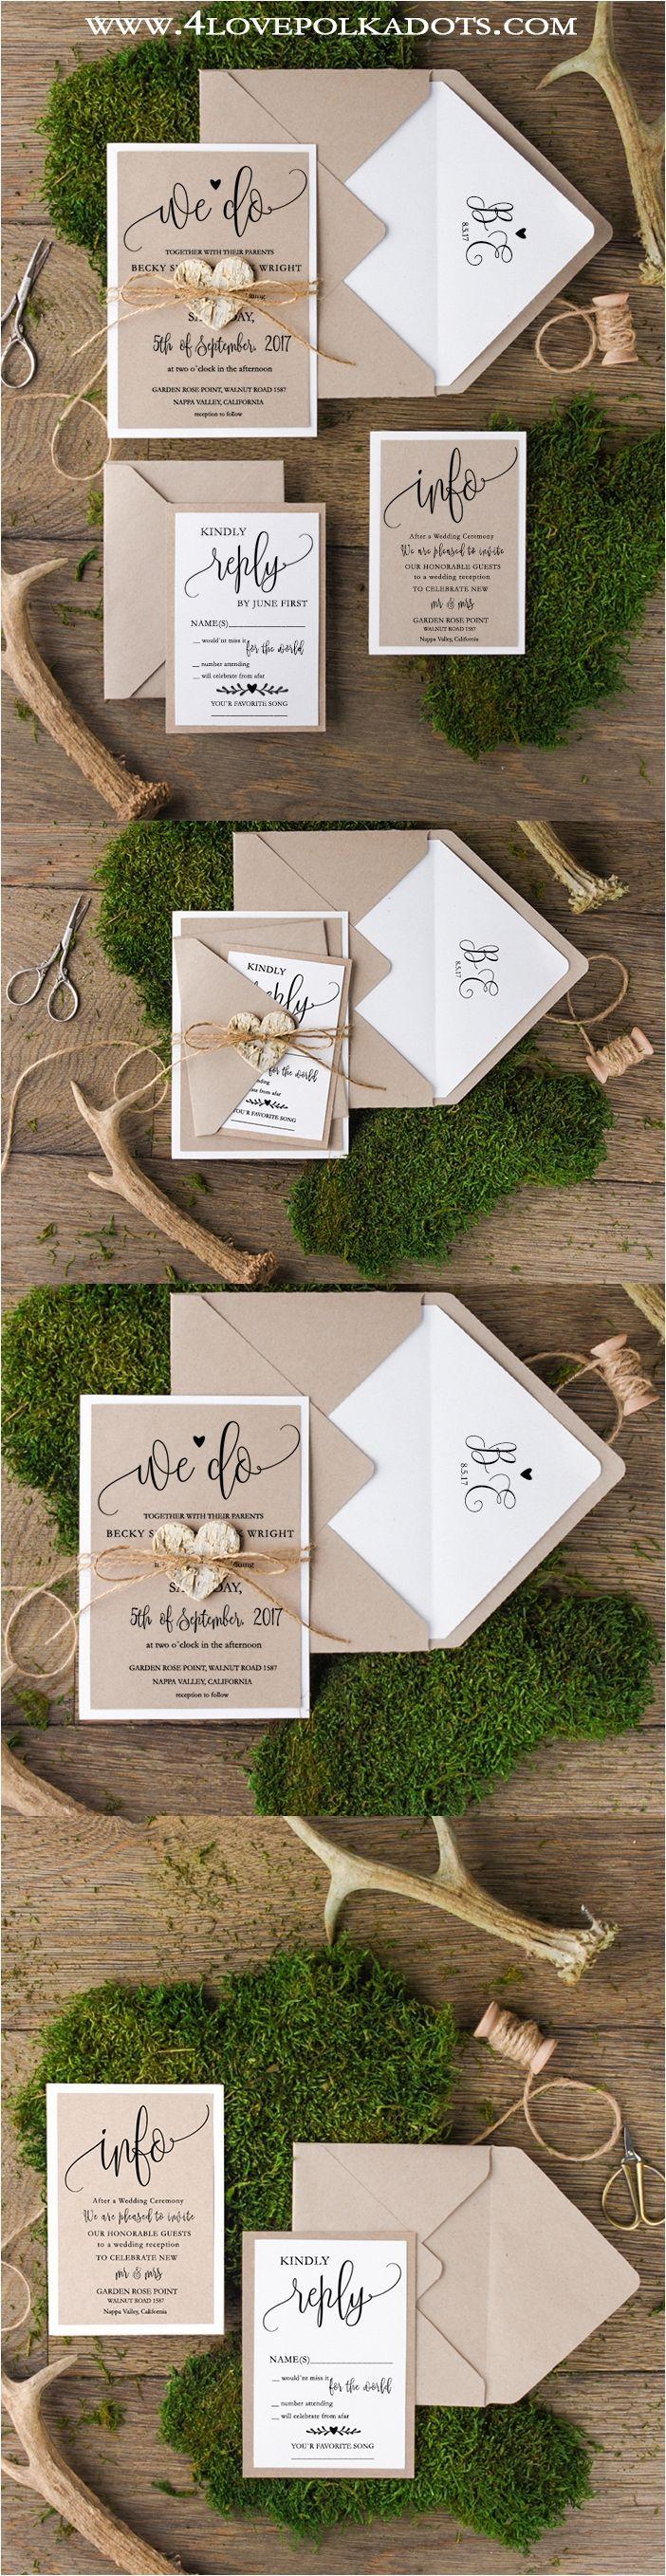 385 Best Wedding Ideas Invitations Images On Pinterest Weddings